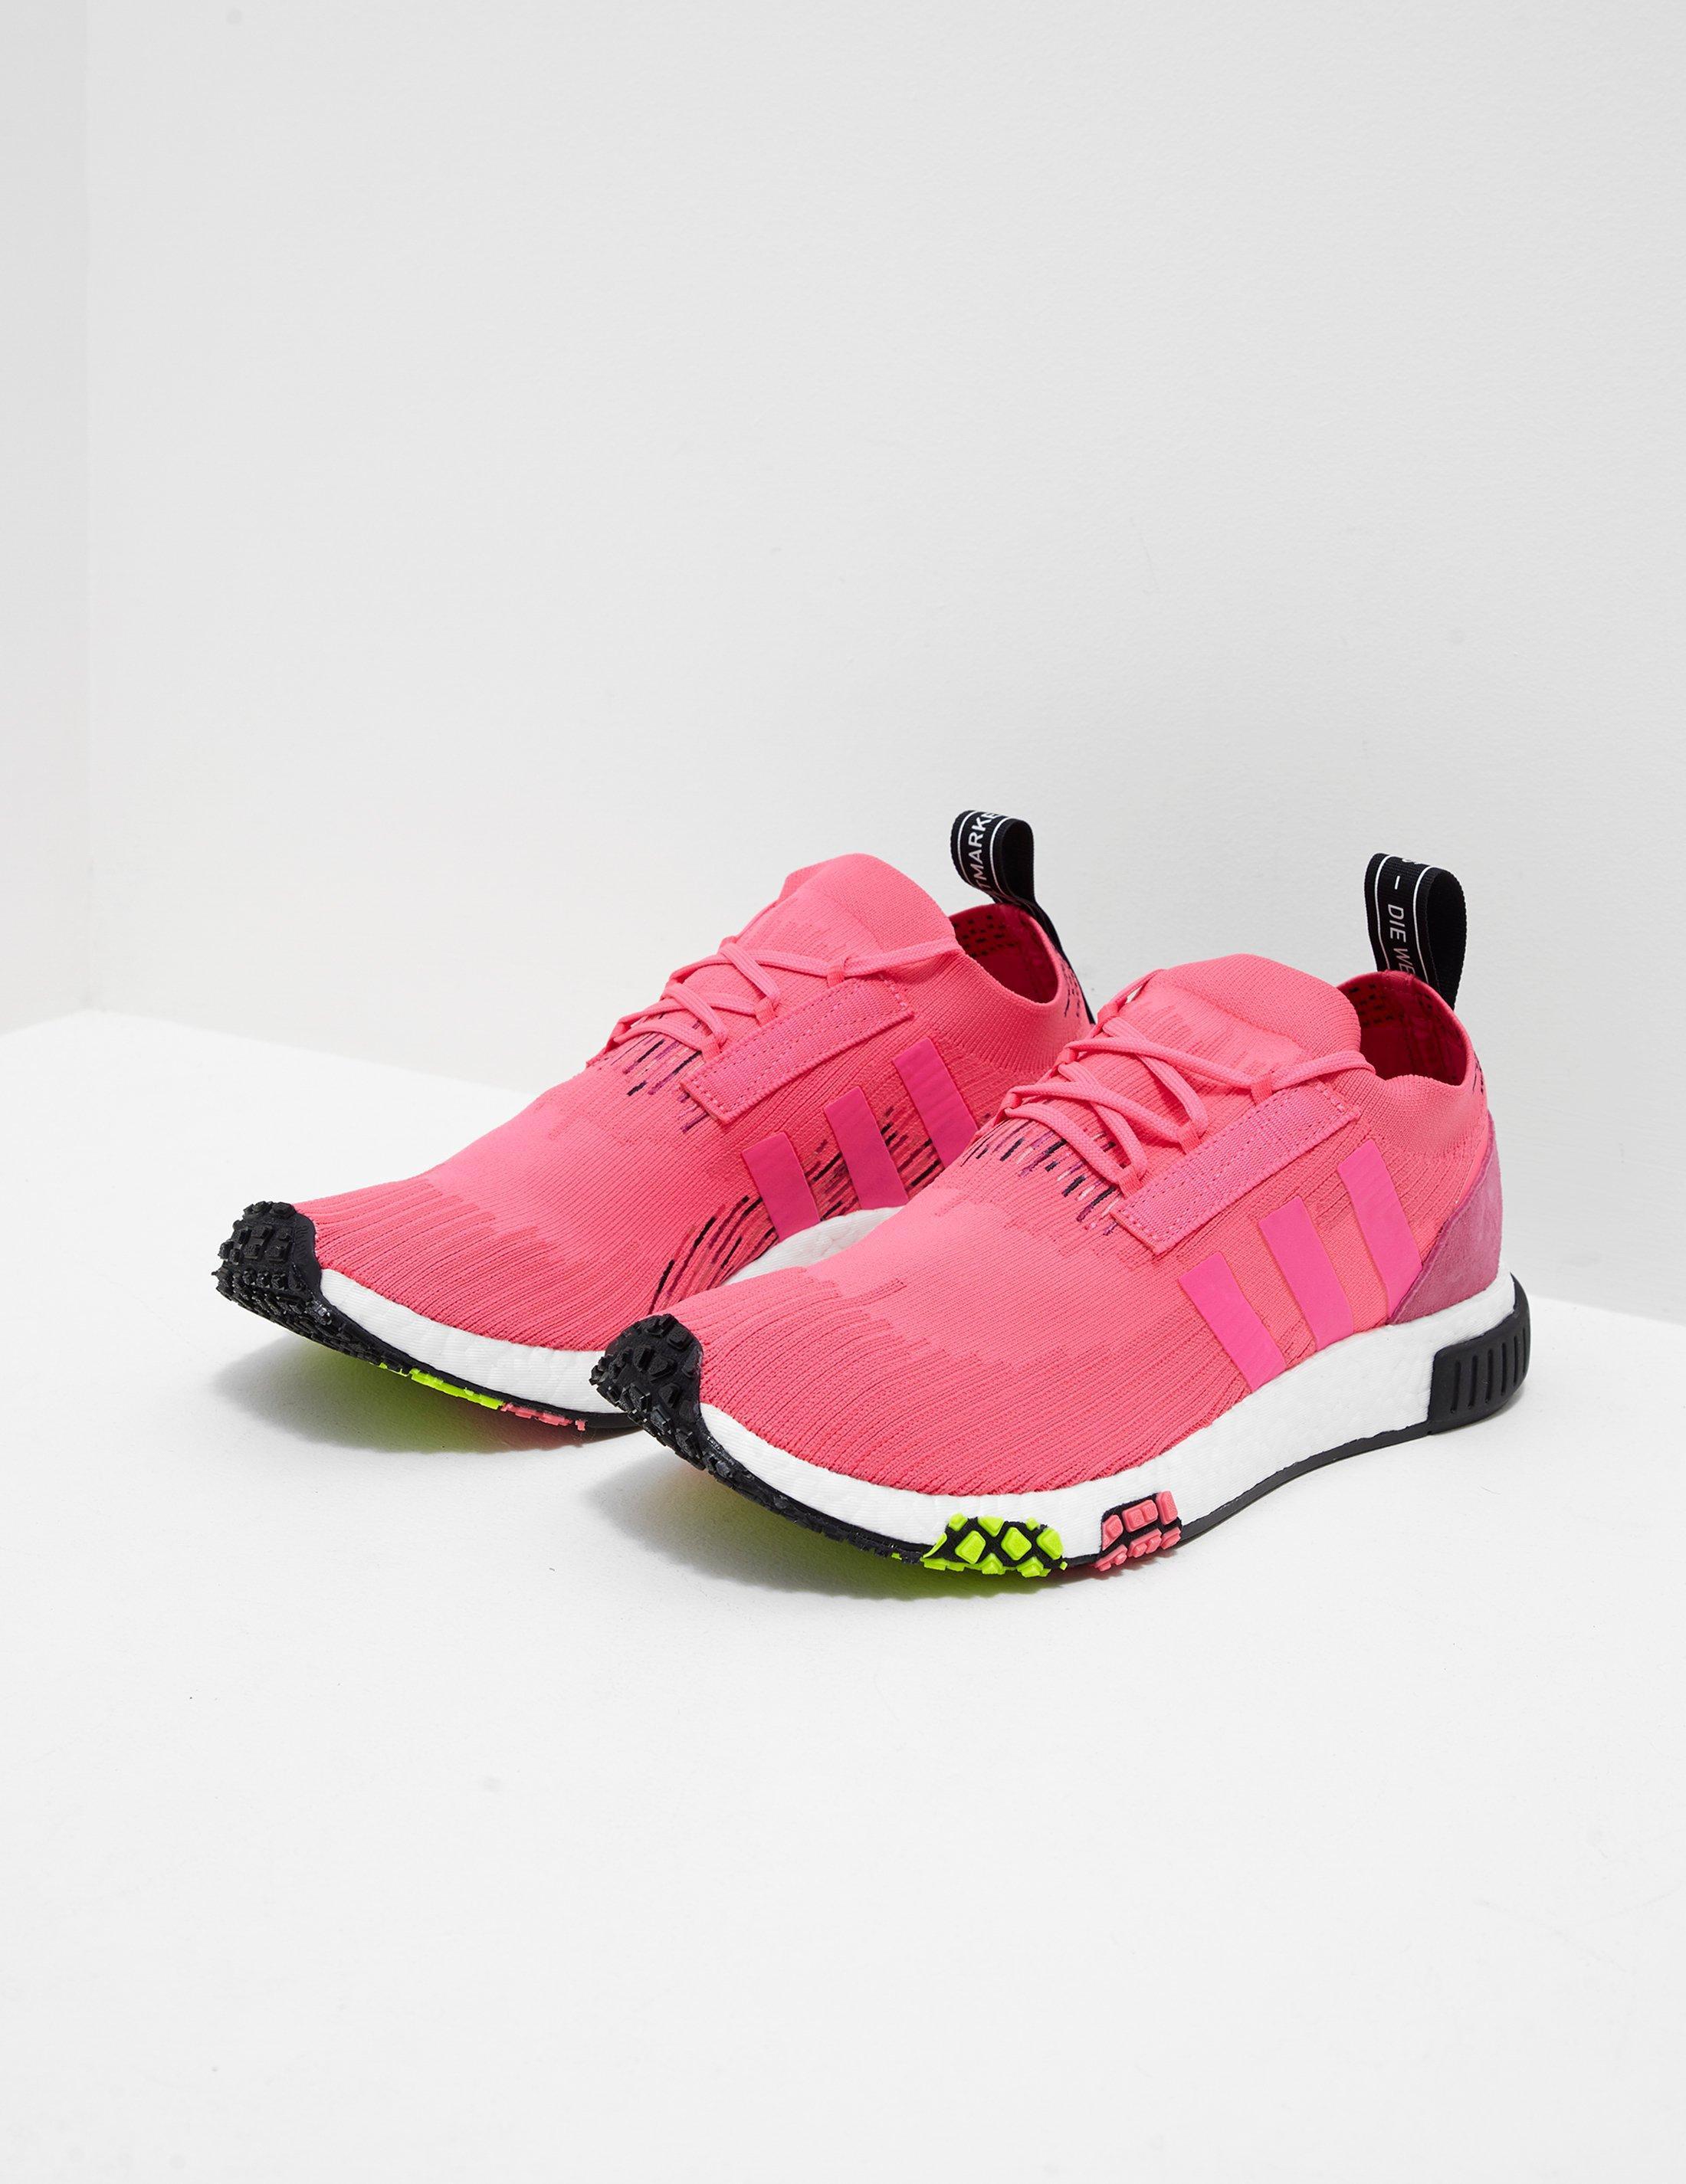 adidas originali mens nmd racer primeknit rosa in rosa per gli uomini.